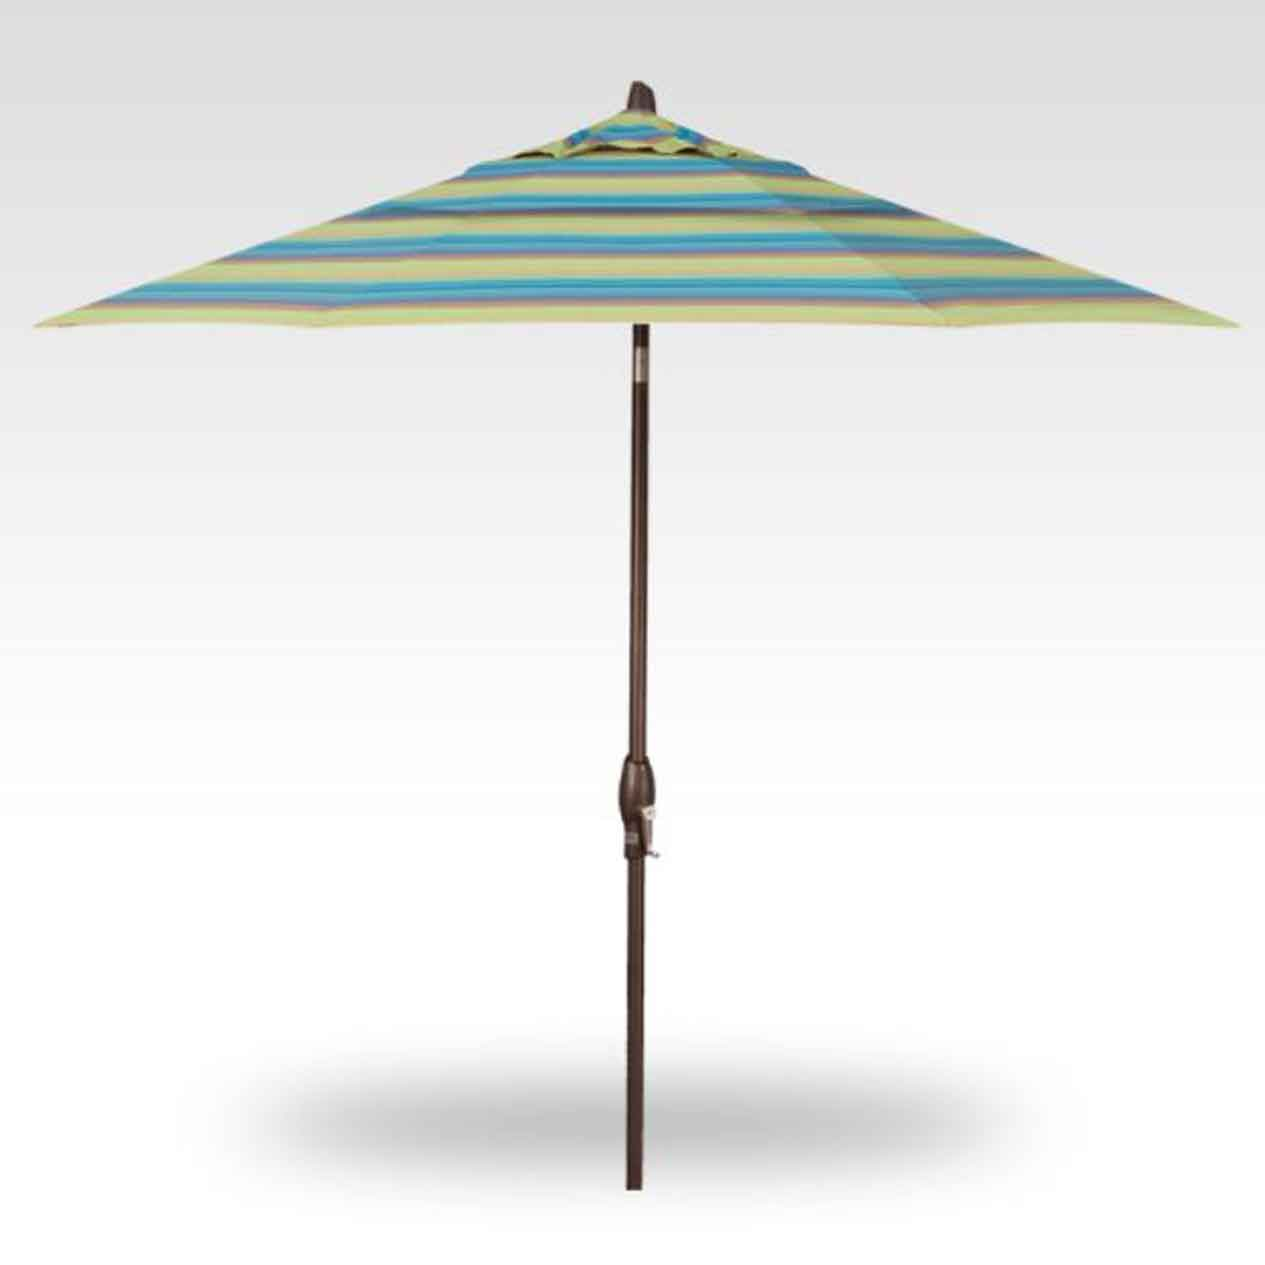 9' Auto Tilt Market Umbrella - Lagoon Stripe